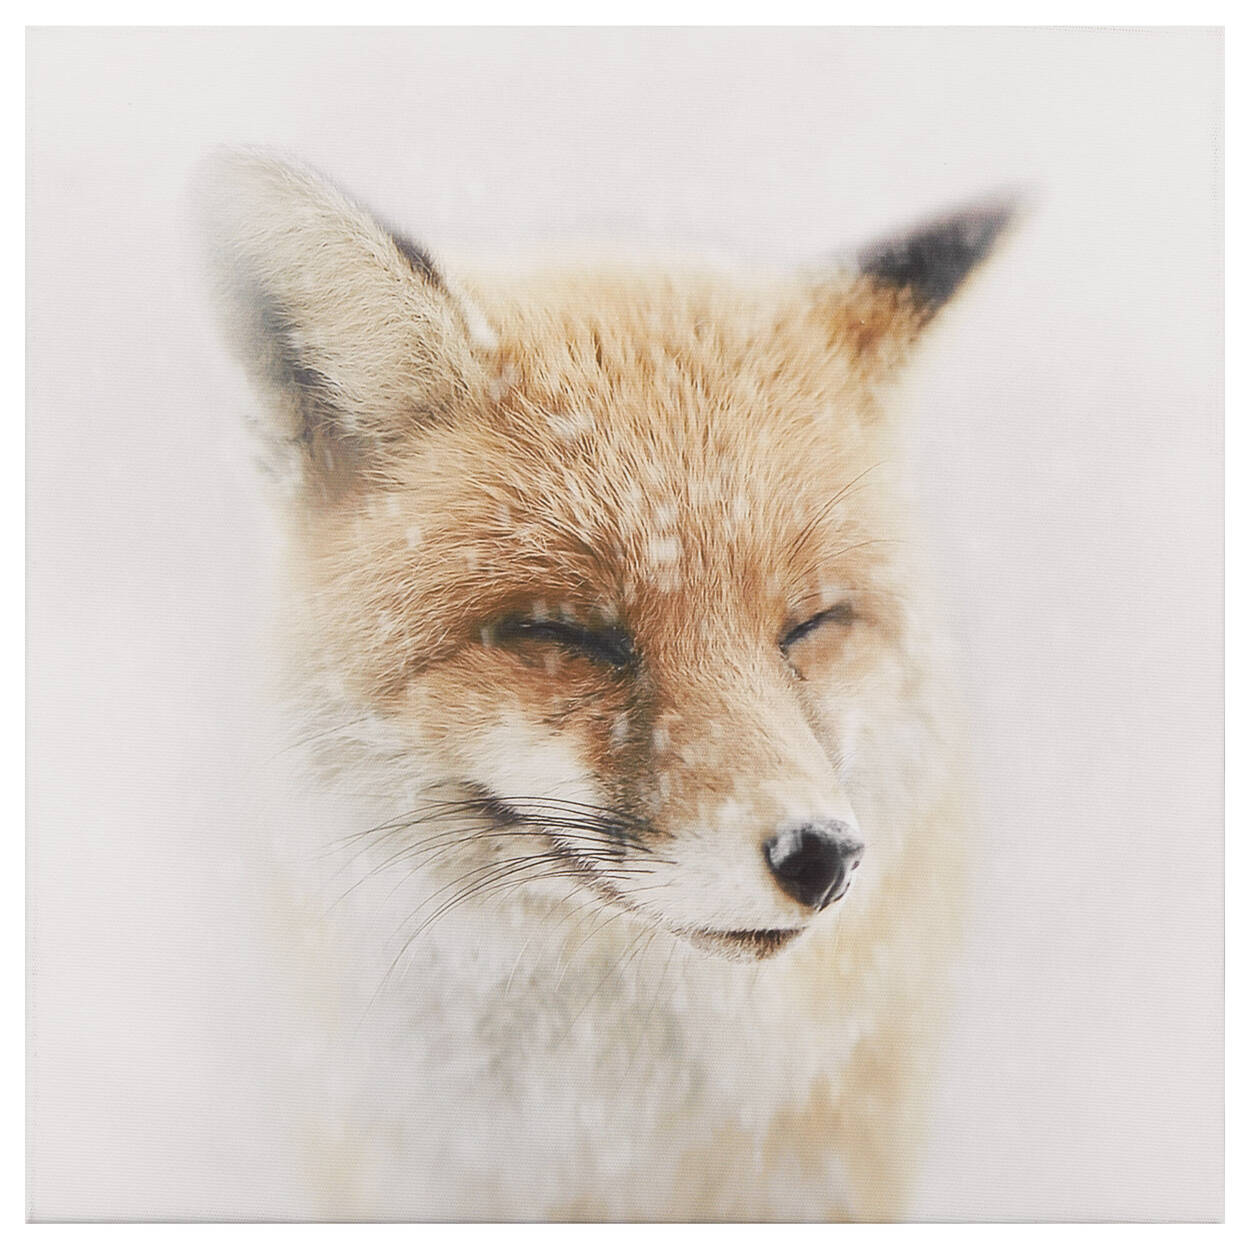 Tableau imprimé d'un renard